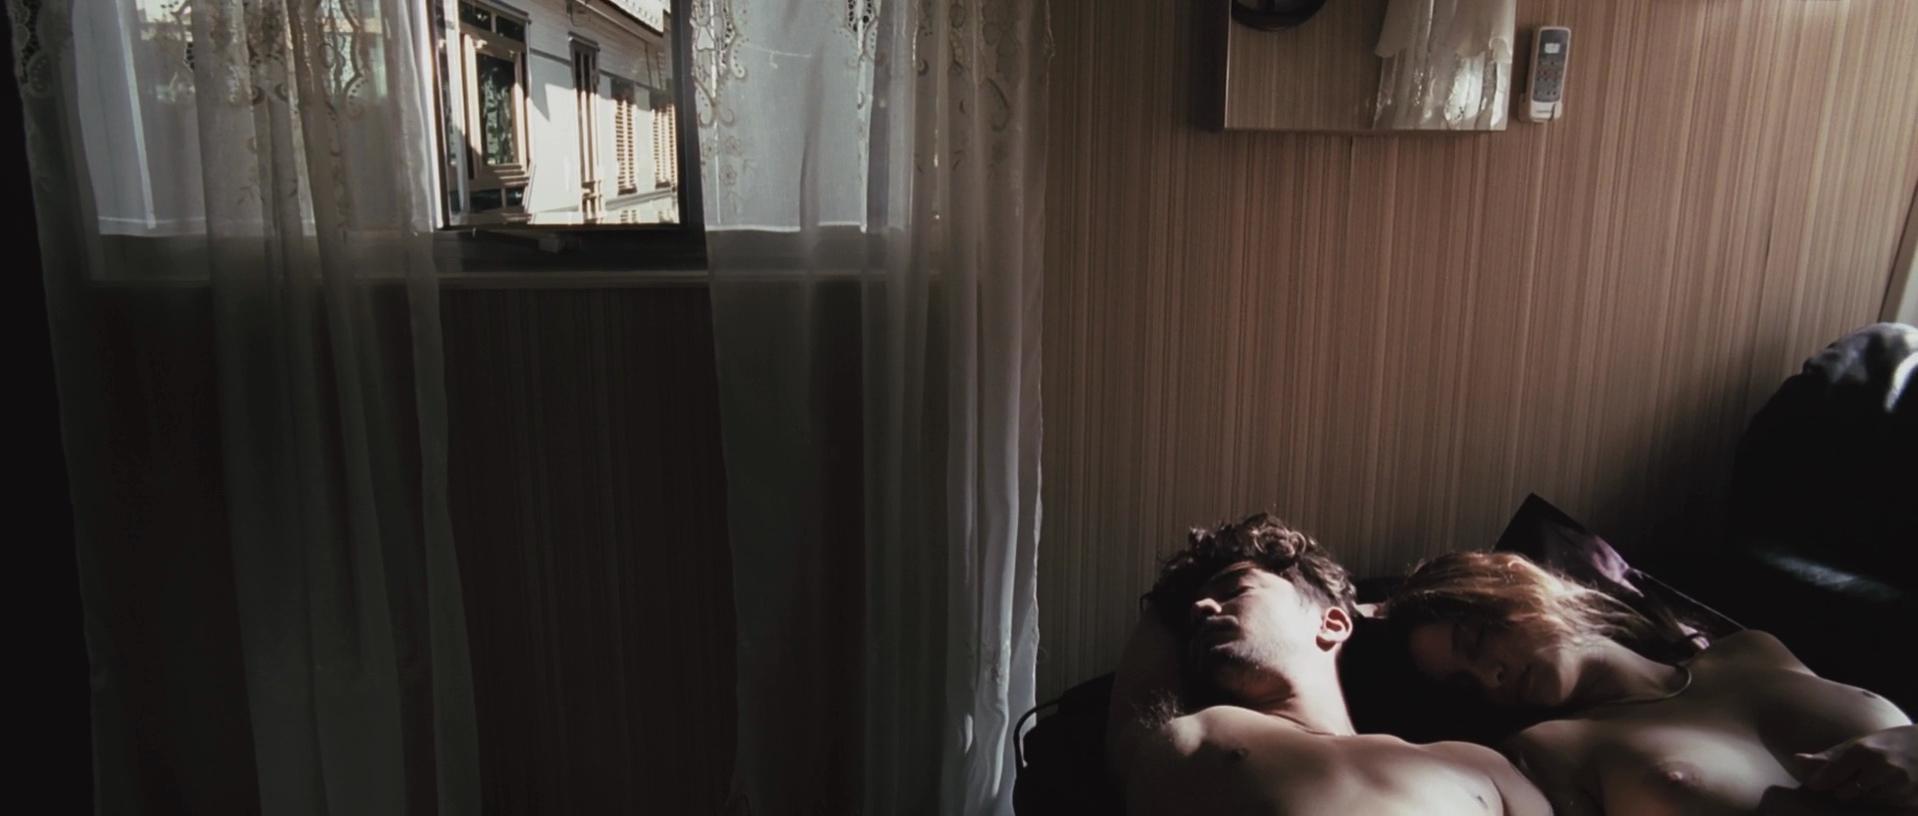 Clara Ponsot nude - Cosimo e Nicole (2012)